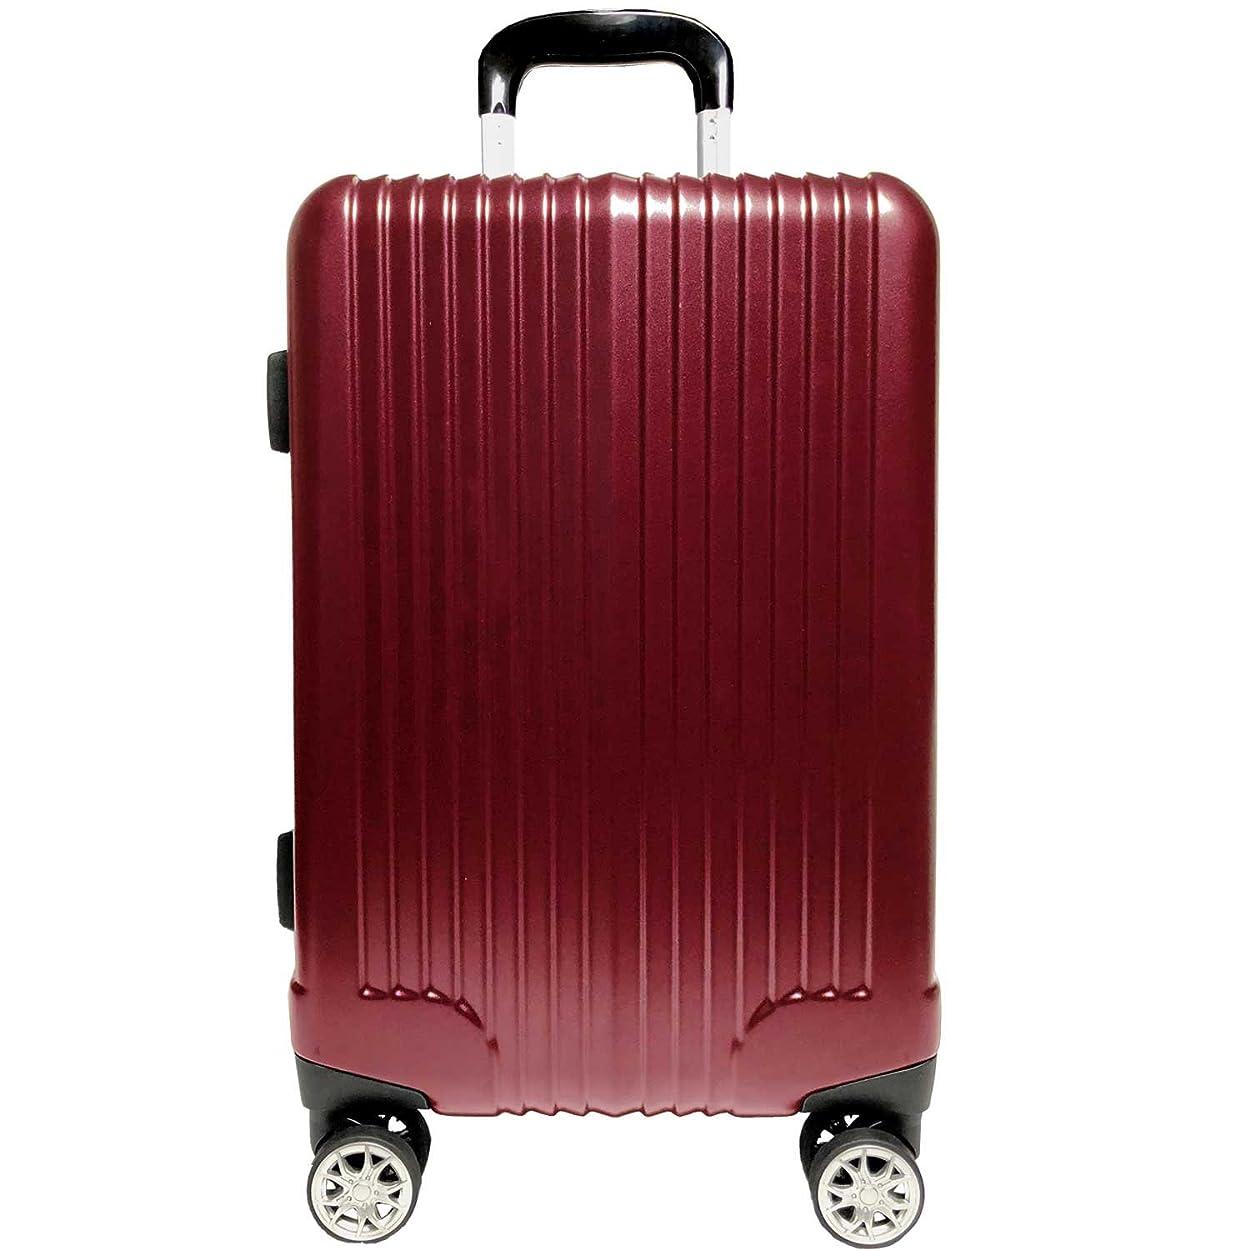 充電声を出して考古学【A PERFORMER】スーツケース Wキャスターストッパー付 キャリーケース TSAロック搭載 超軽量 ファスナー(04018-14018-24018)